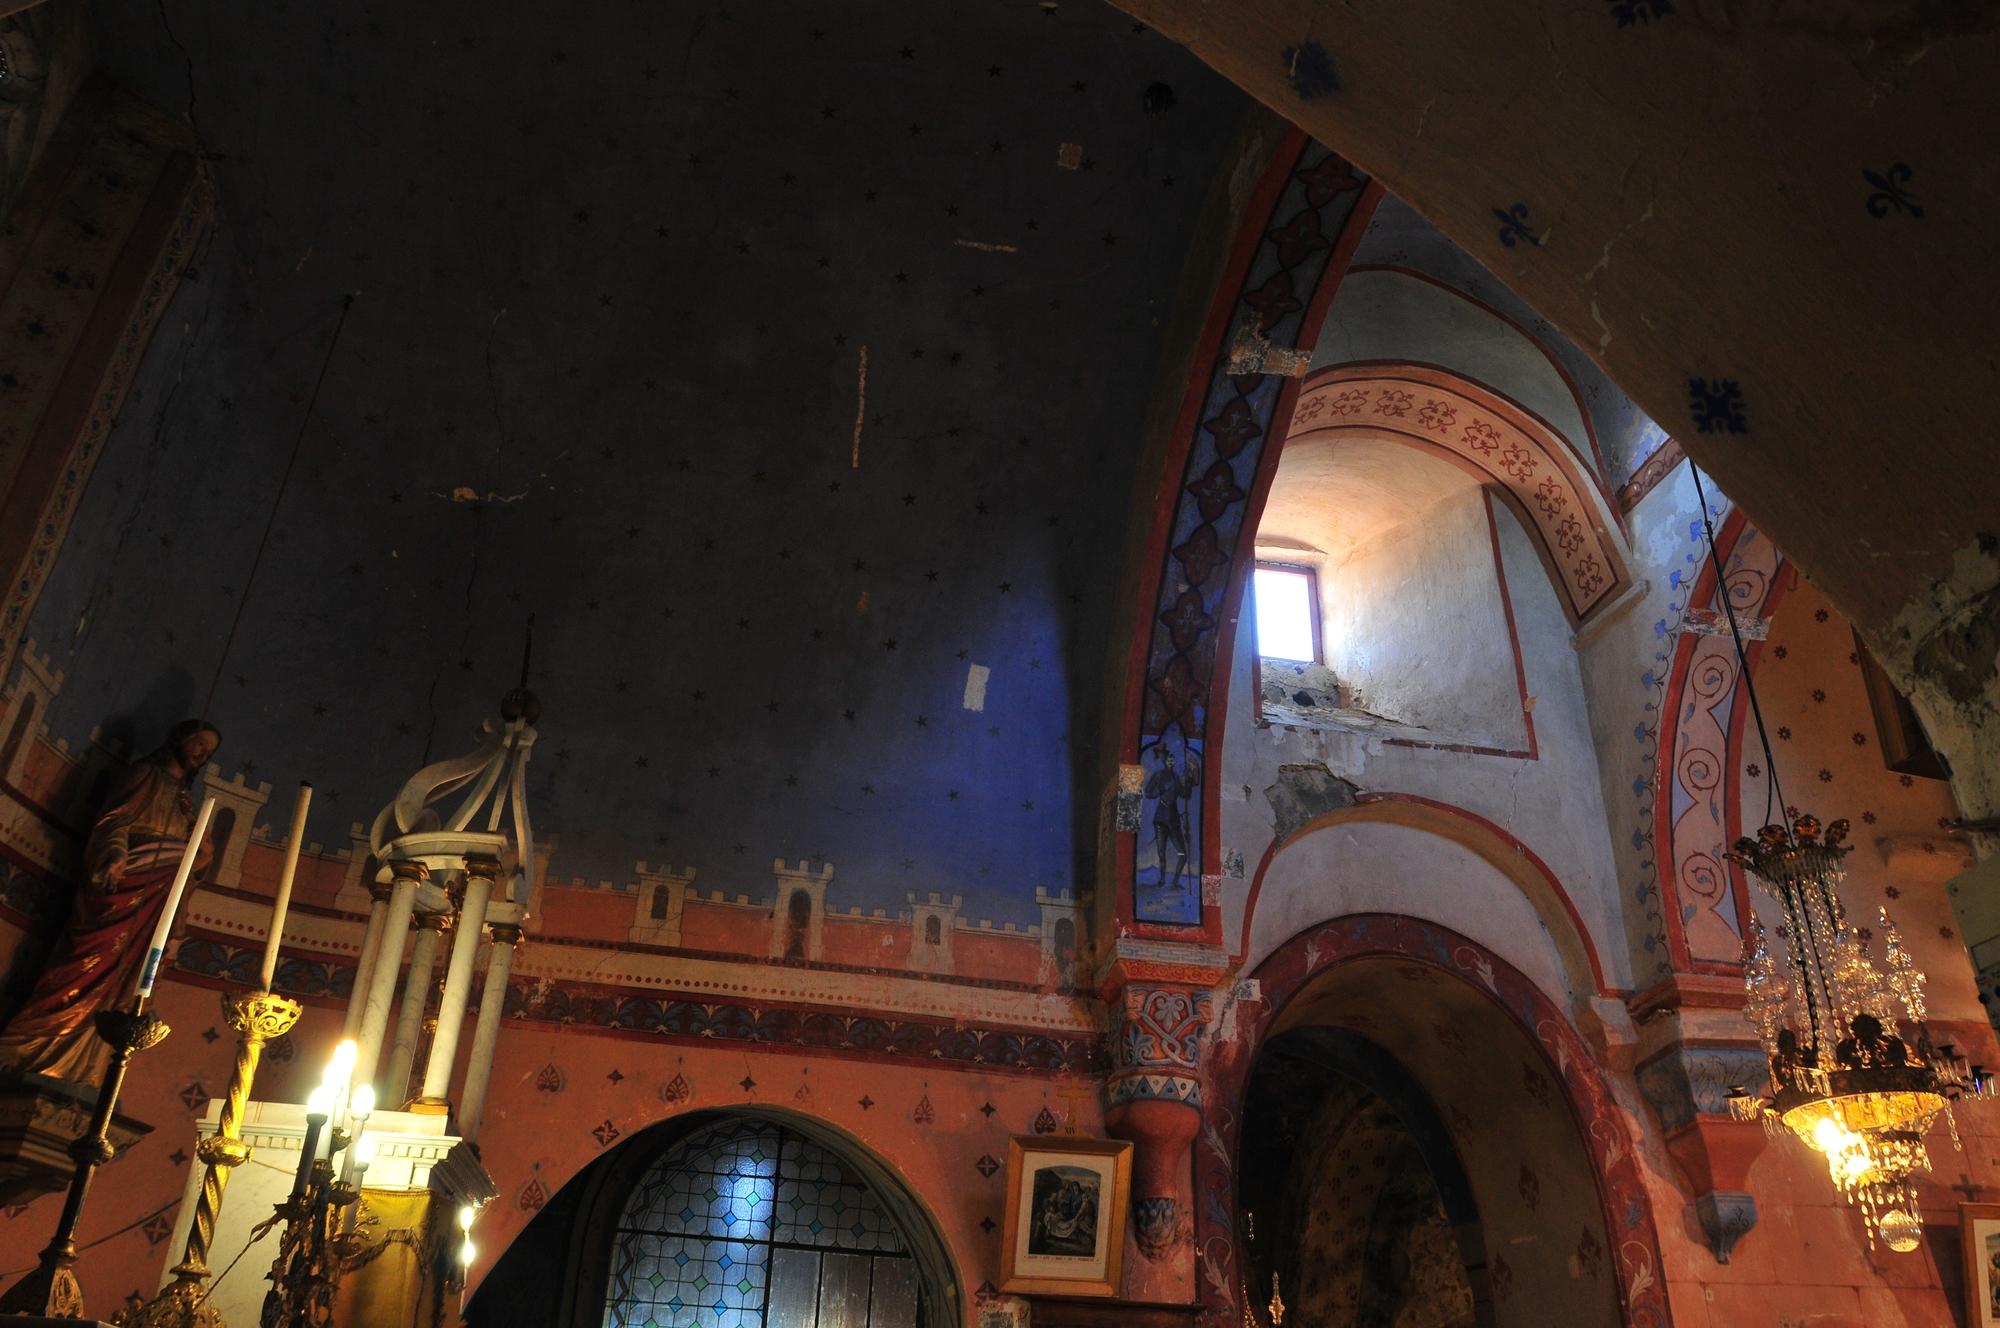 Intérireur,Mobilier, Eglise Saint-Maurice d'Usson